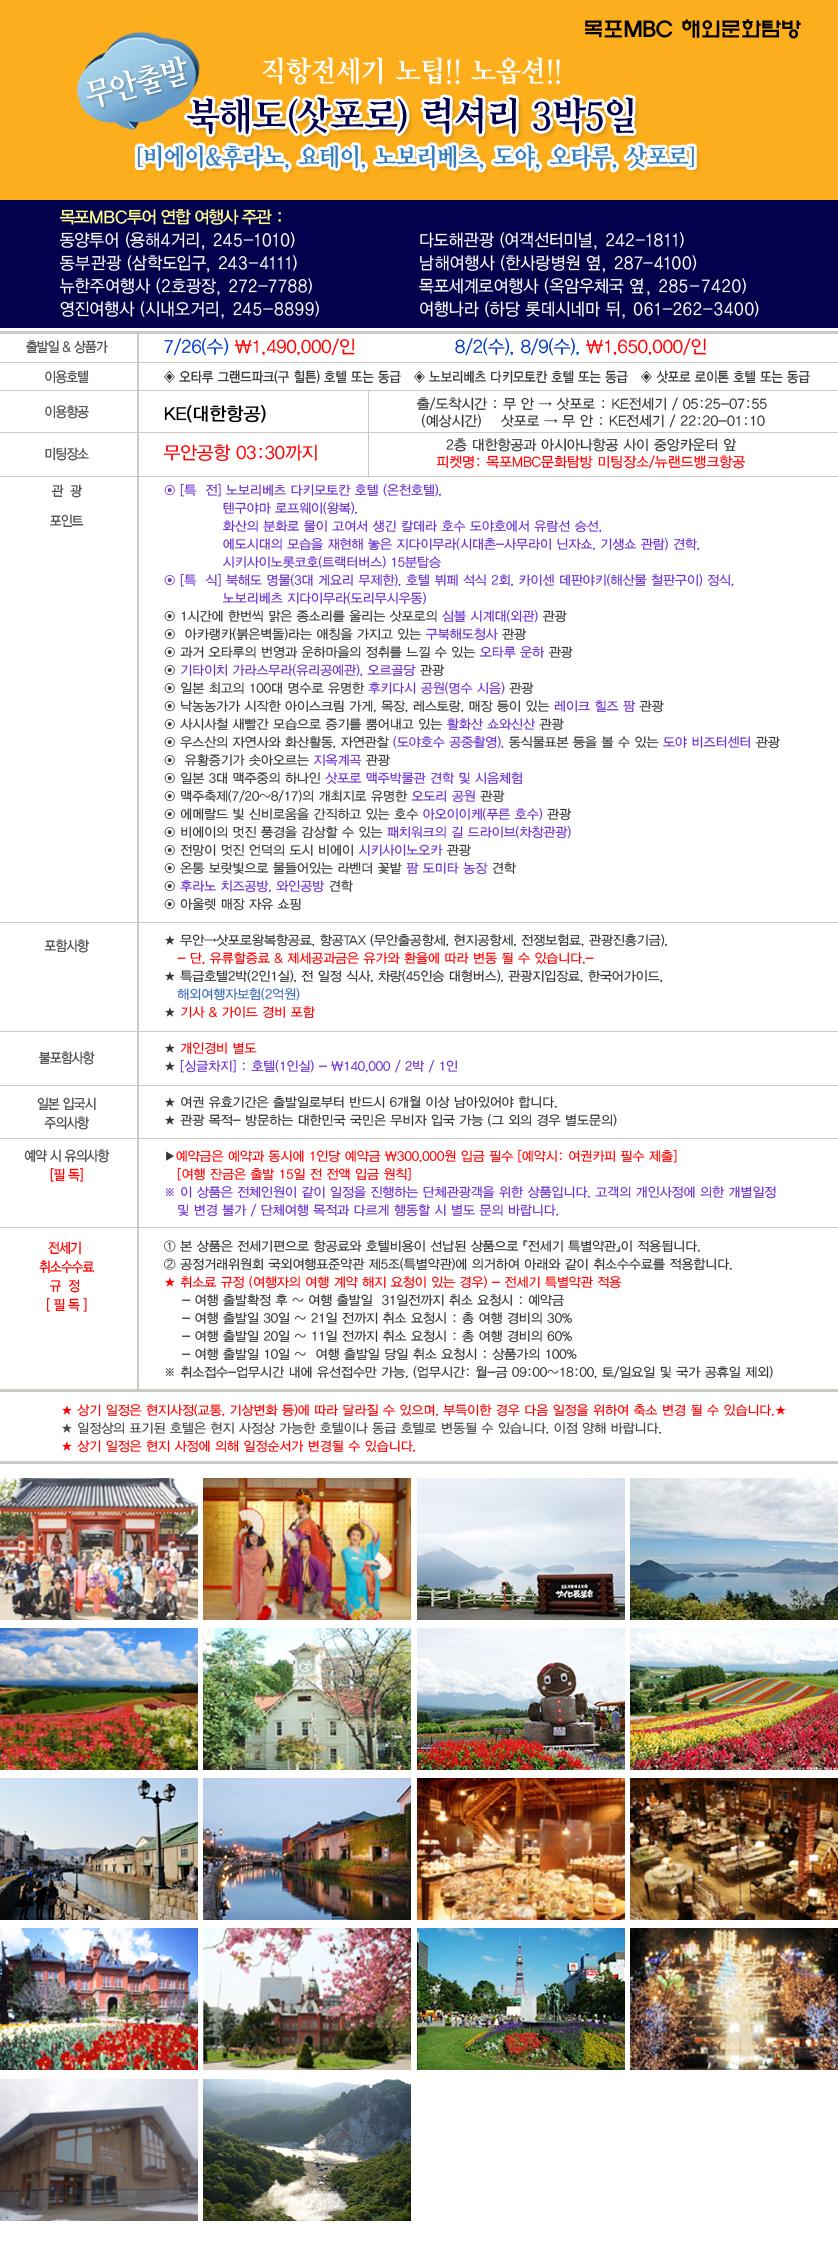 북해도(삿포로) 럭셔리 3박5일 행사정보